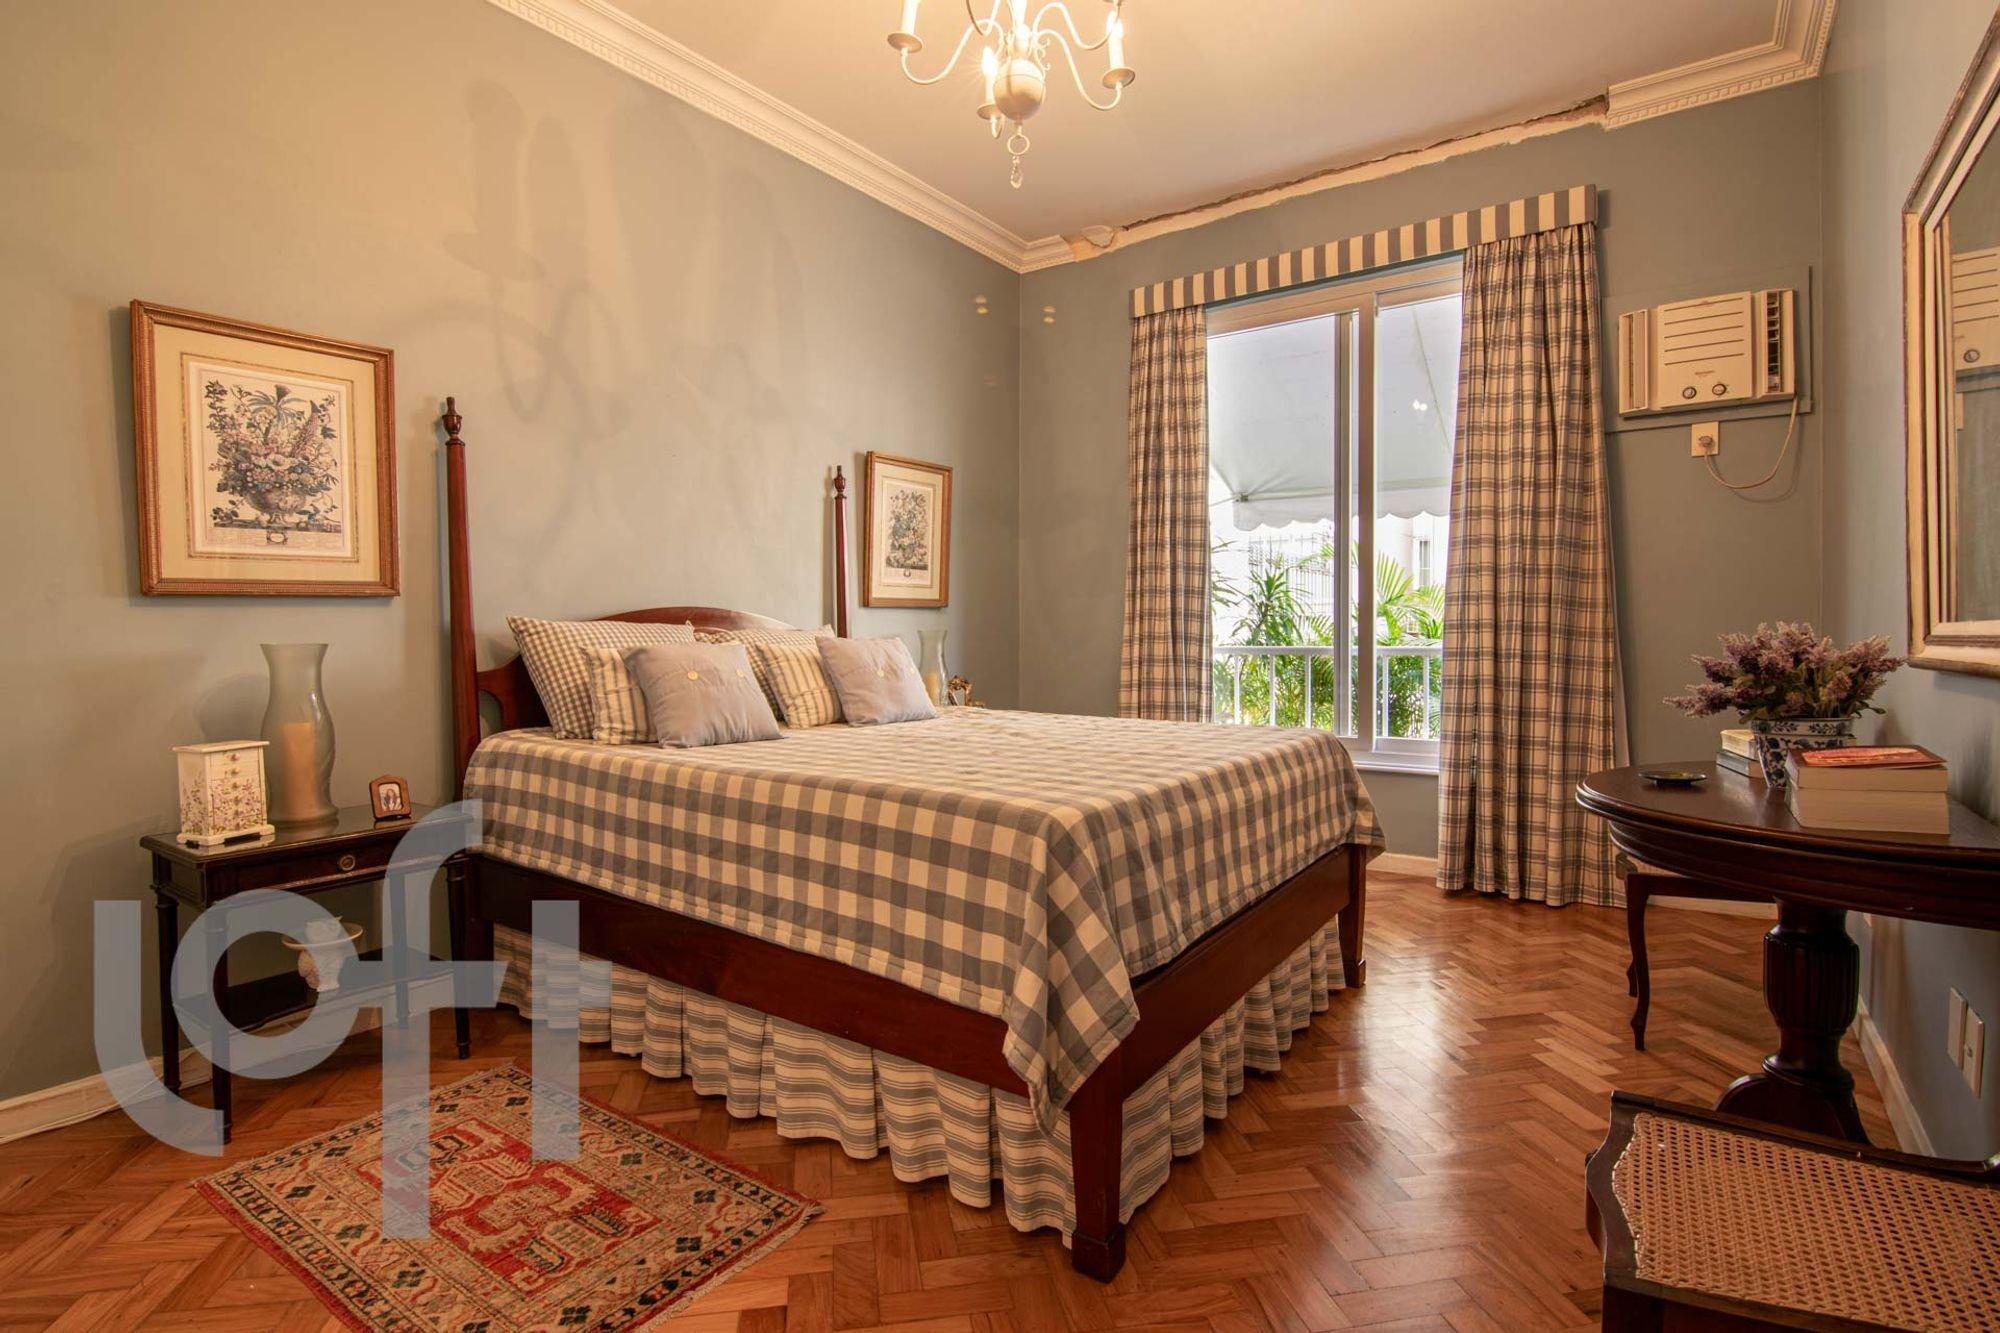 Foto de Quarto com cama, vaso de planta, vaso, celular, cadeira